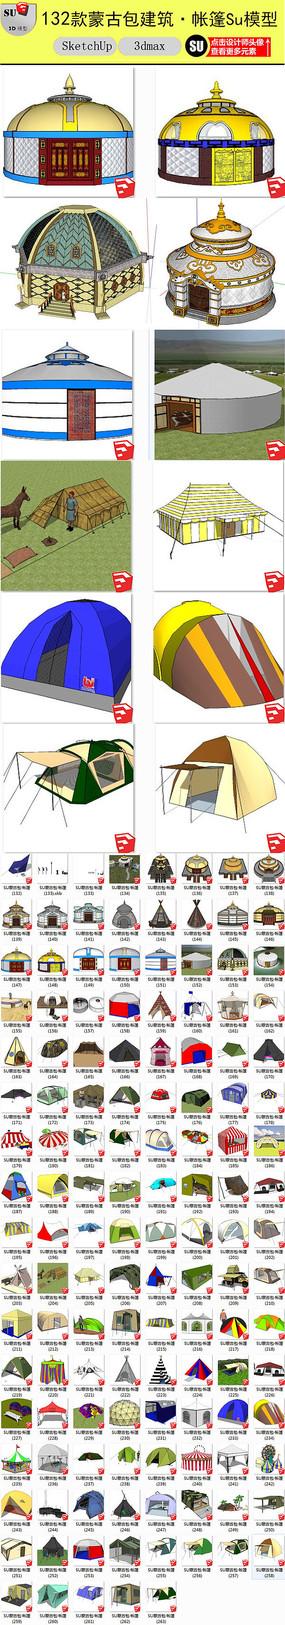 帐篷蒙古包建筑SU模型